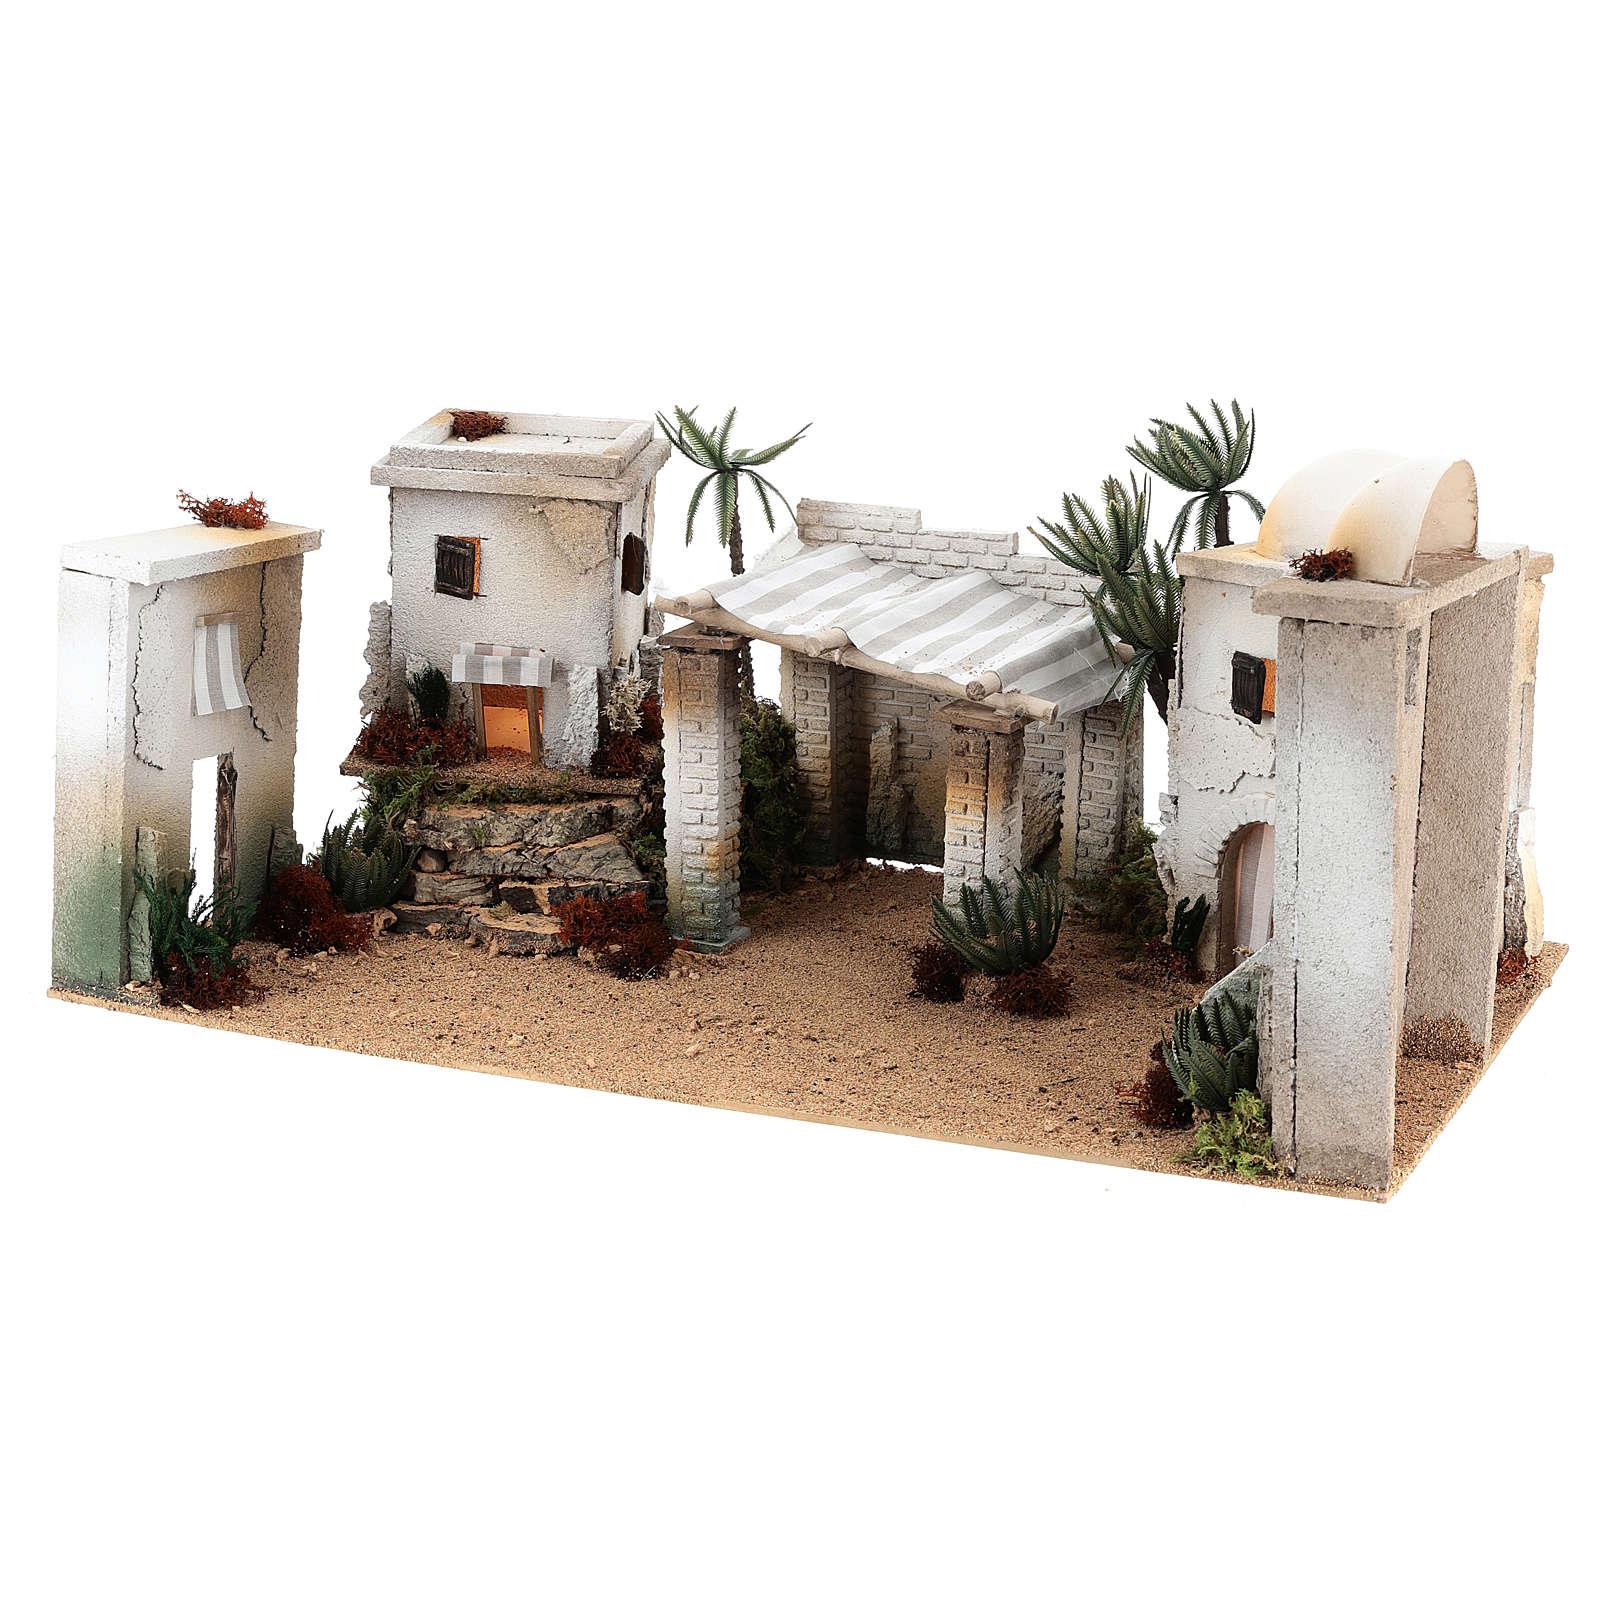 Composición árabe de corcho cúpula y terraza 35x65x35 cm CENTRAL 4